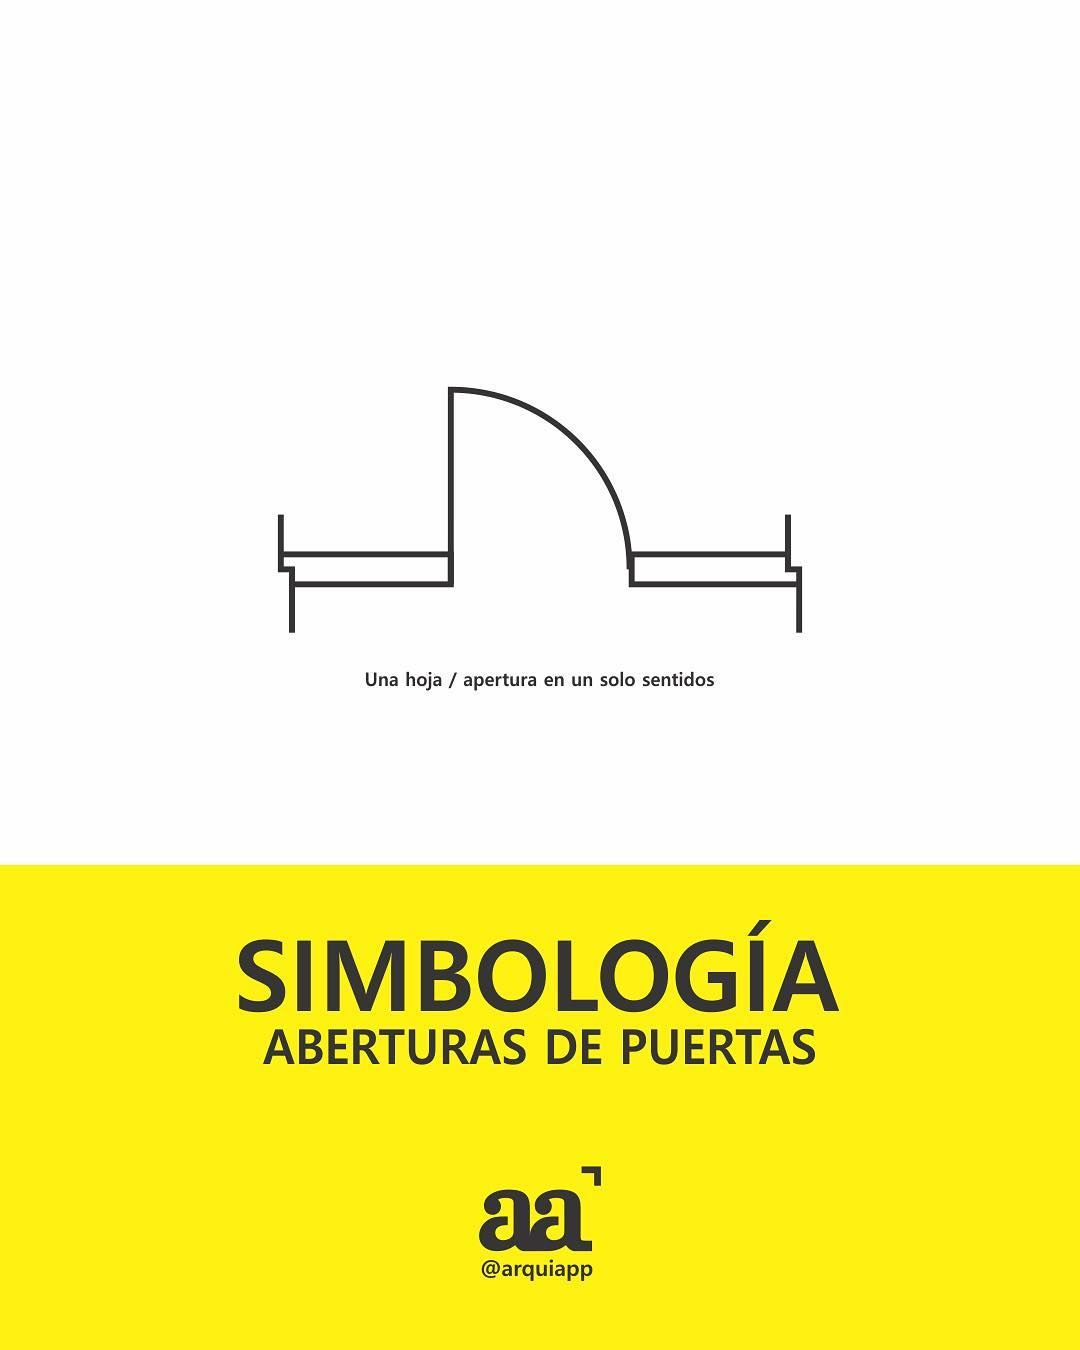 Simbologia Aberturas De Puertas Arquiapp Ingenieria